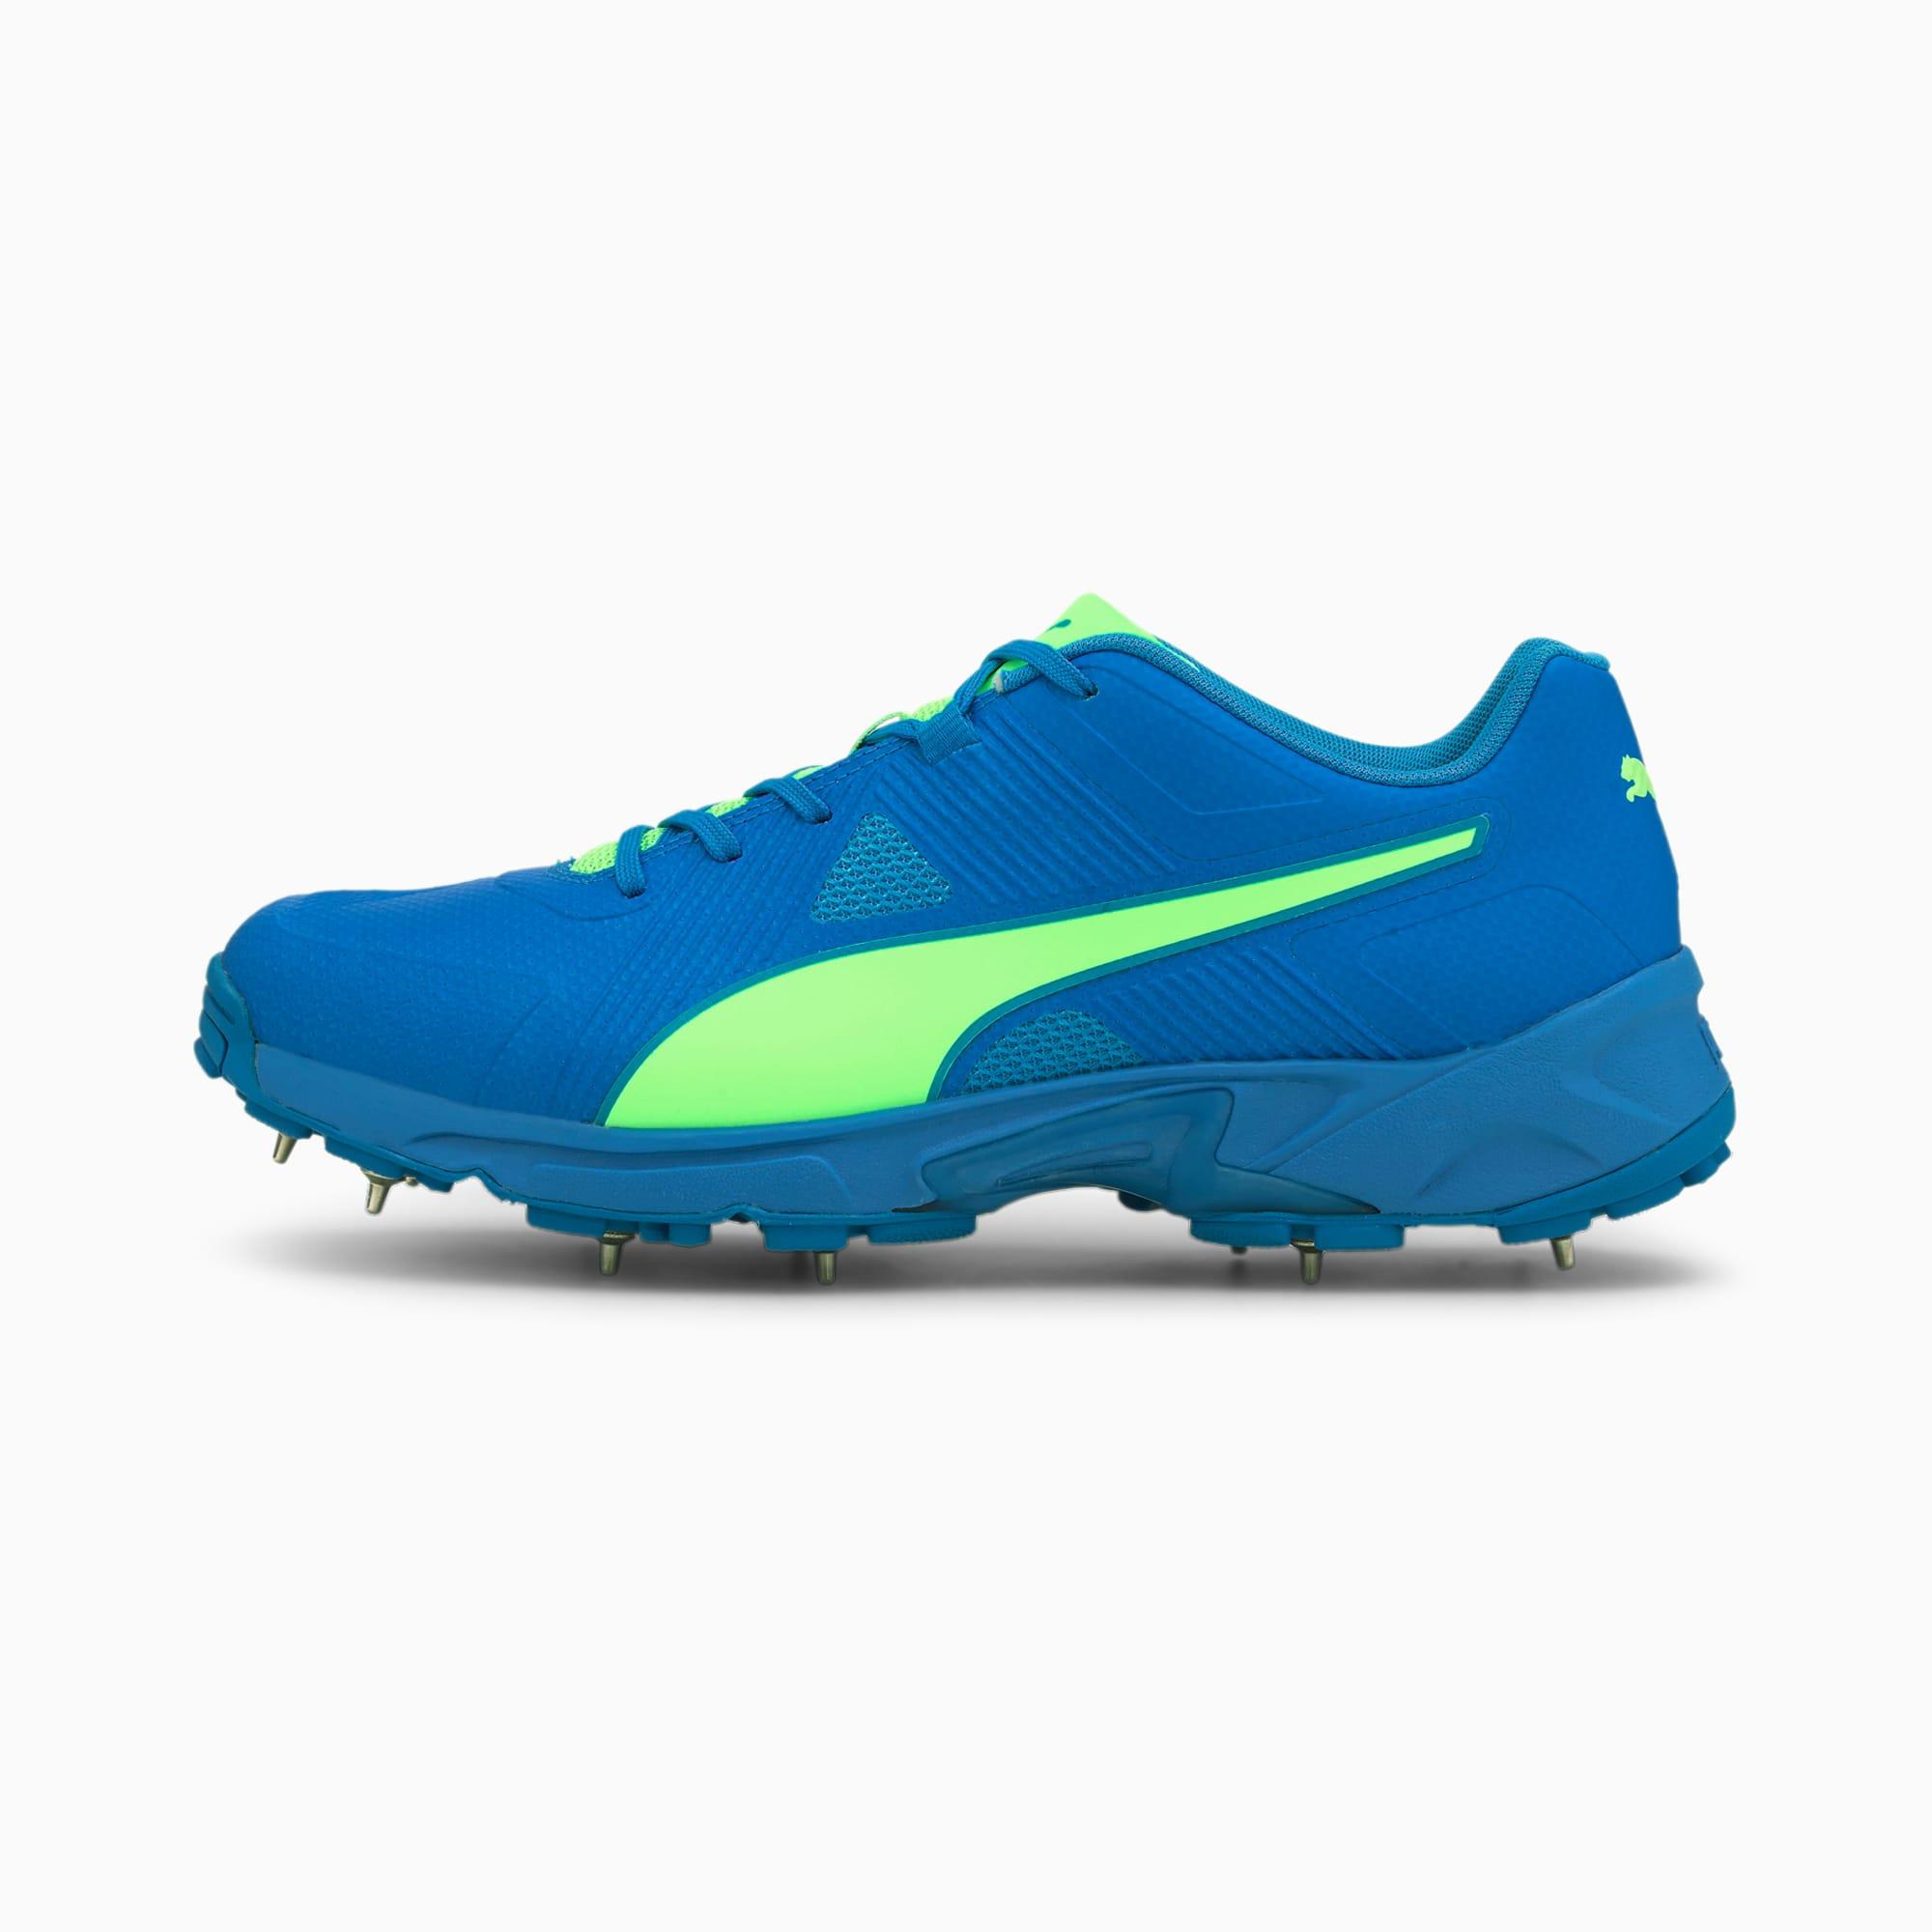 PUMA Chaussure de cricket PUMA Spike 19.1 pour Homme, Vert/Bleu, Taille 41, Chaussures